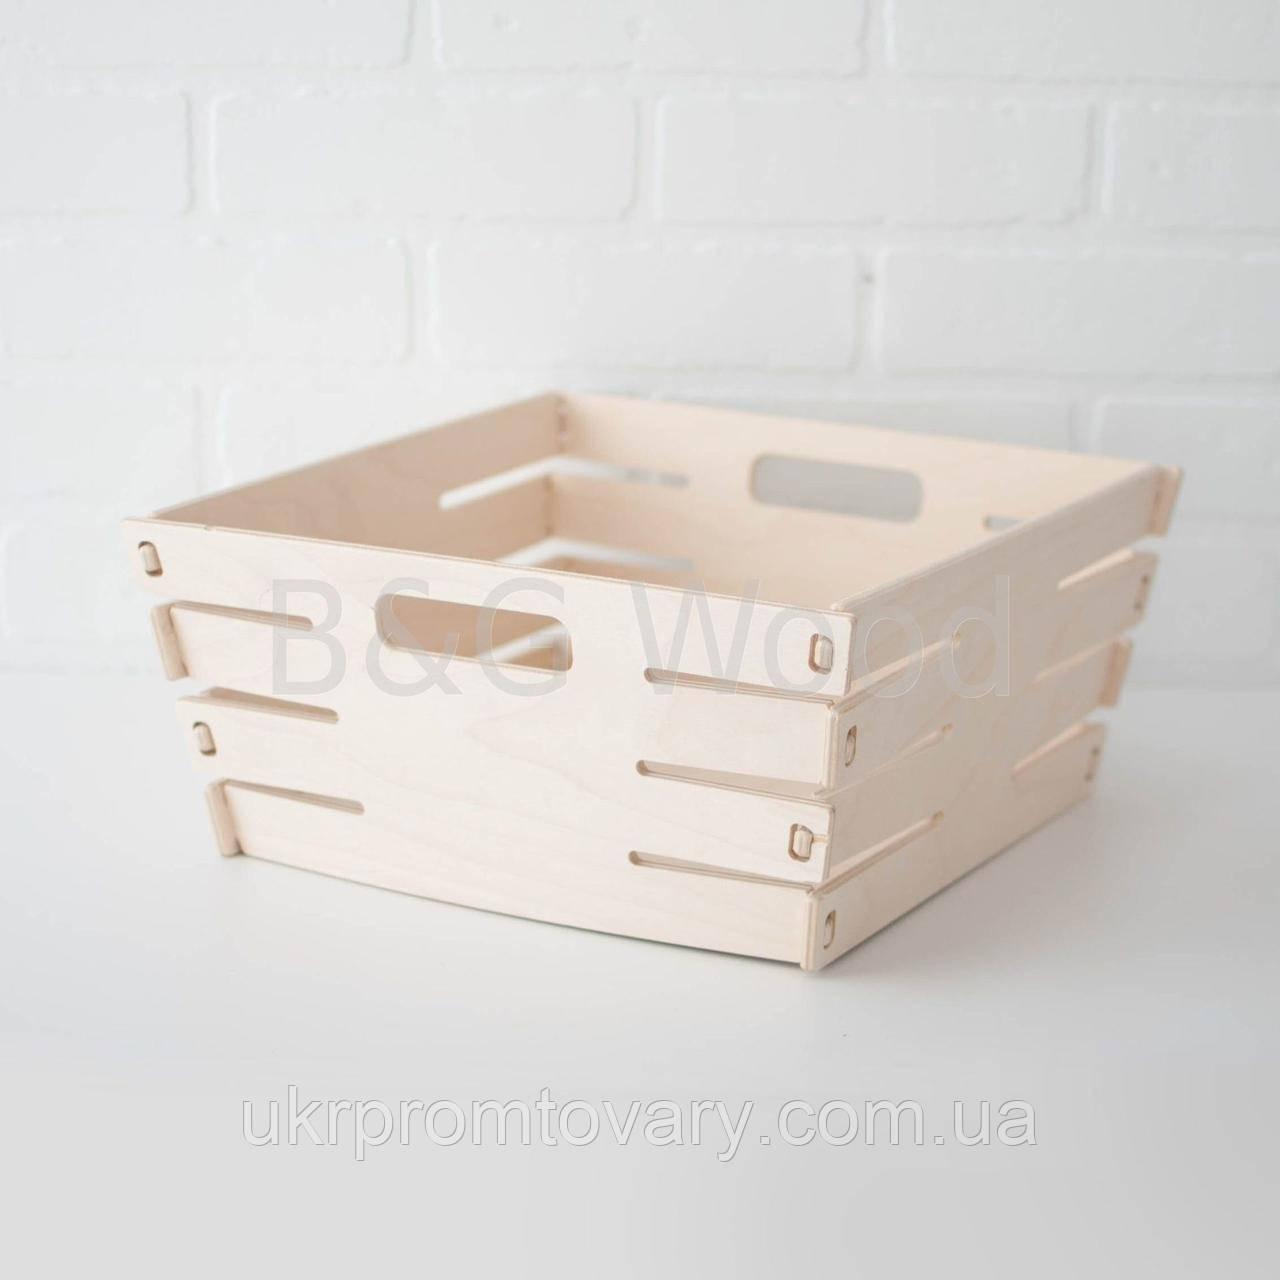 Корзина для белья малая, мебель SPORTMORE, натуральное дерево, фанера от производителя